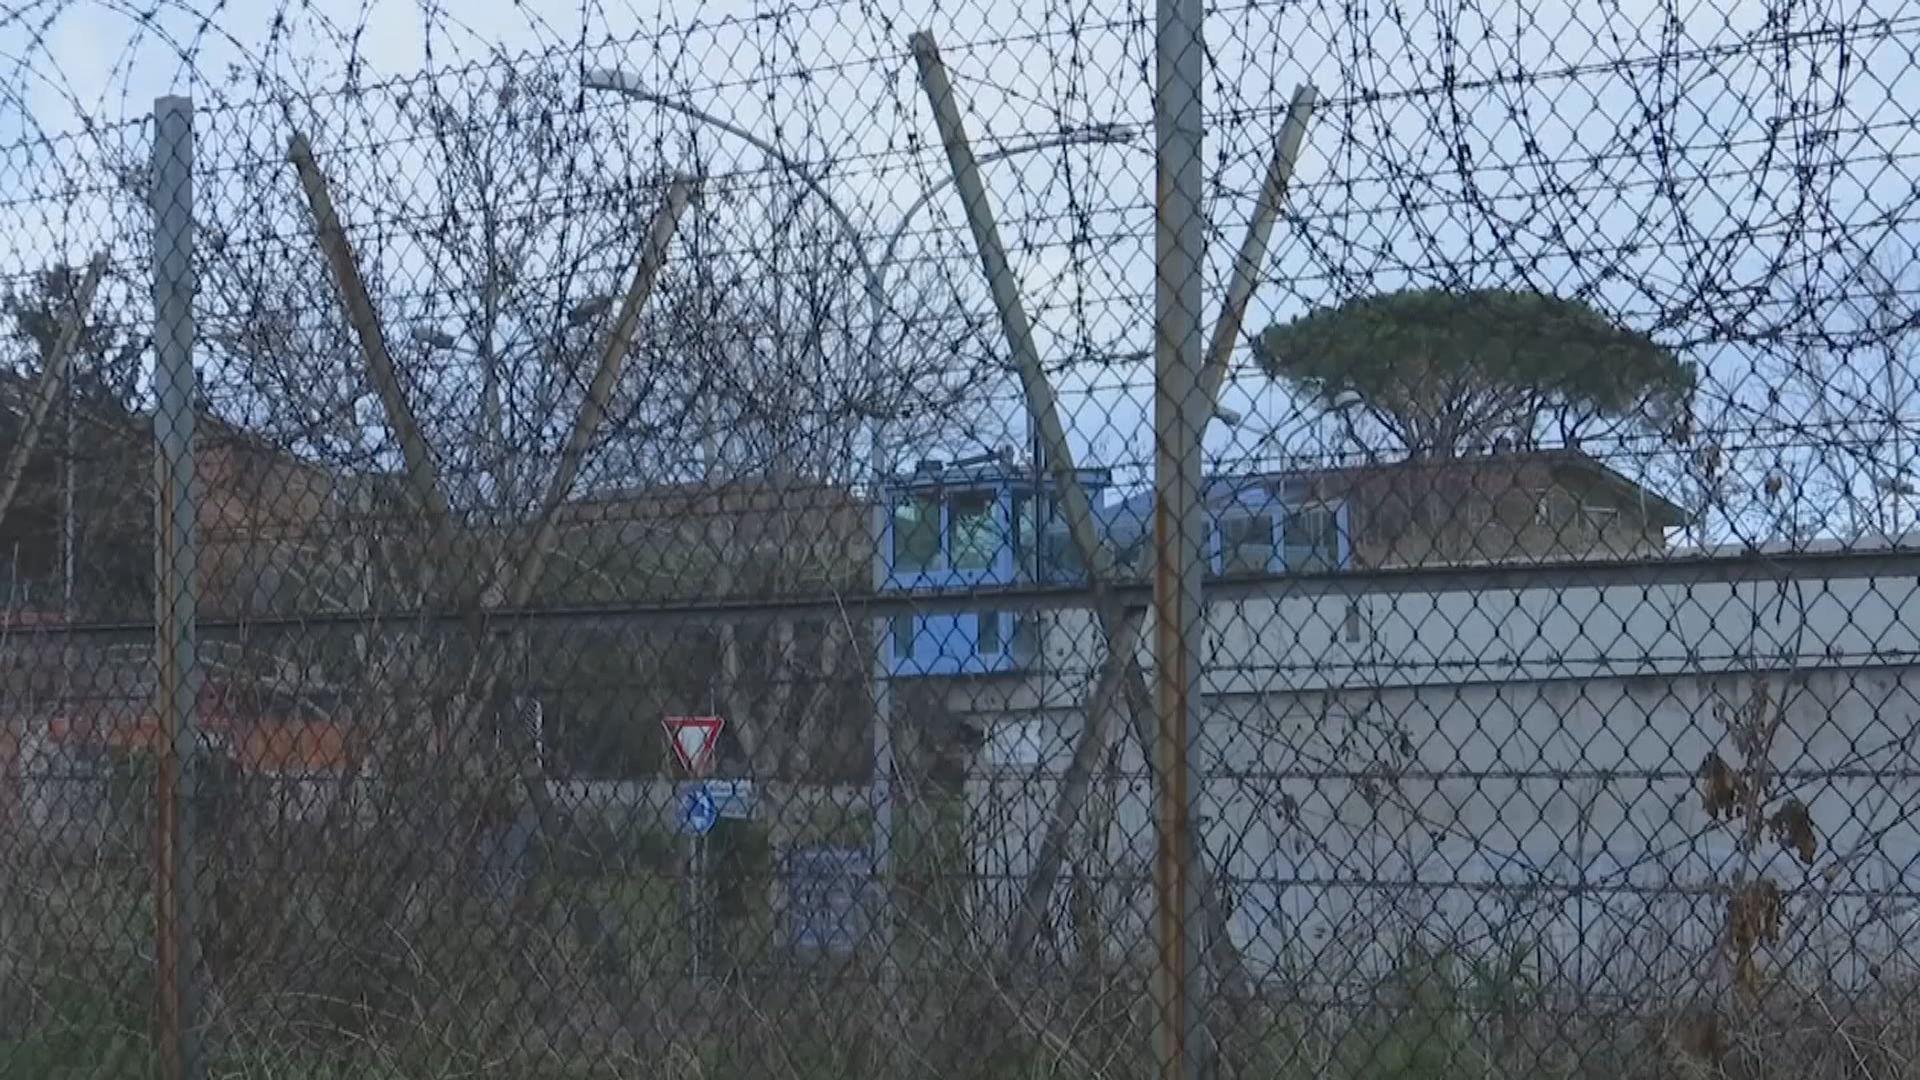 【環球薈報】意大利囚犯逃獄 留字條盡快回來